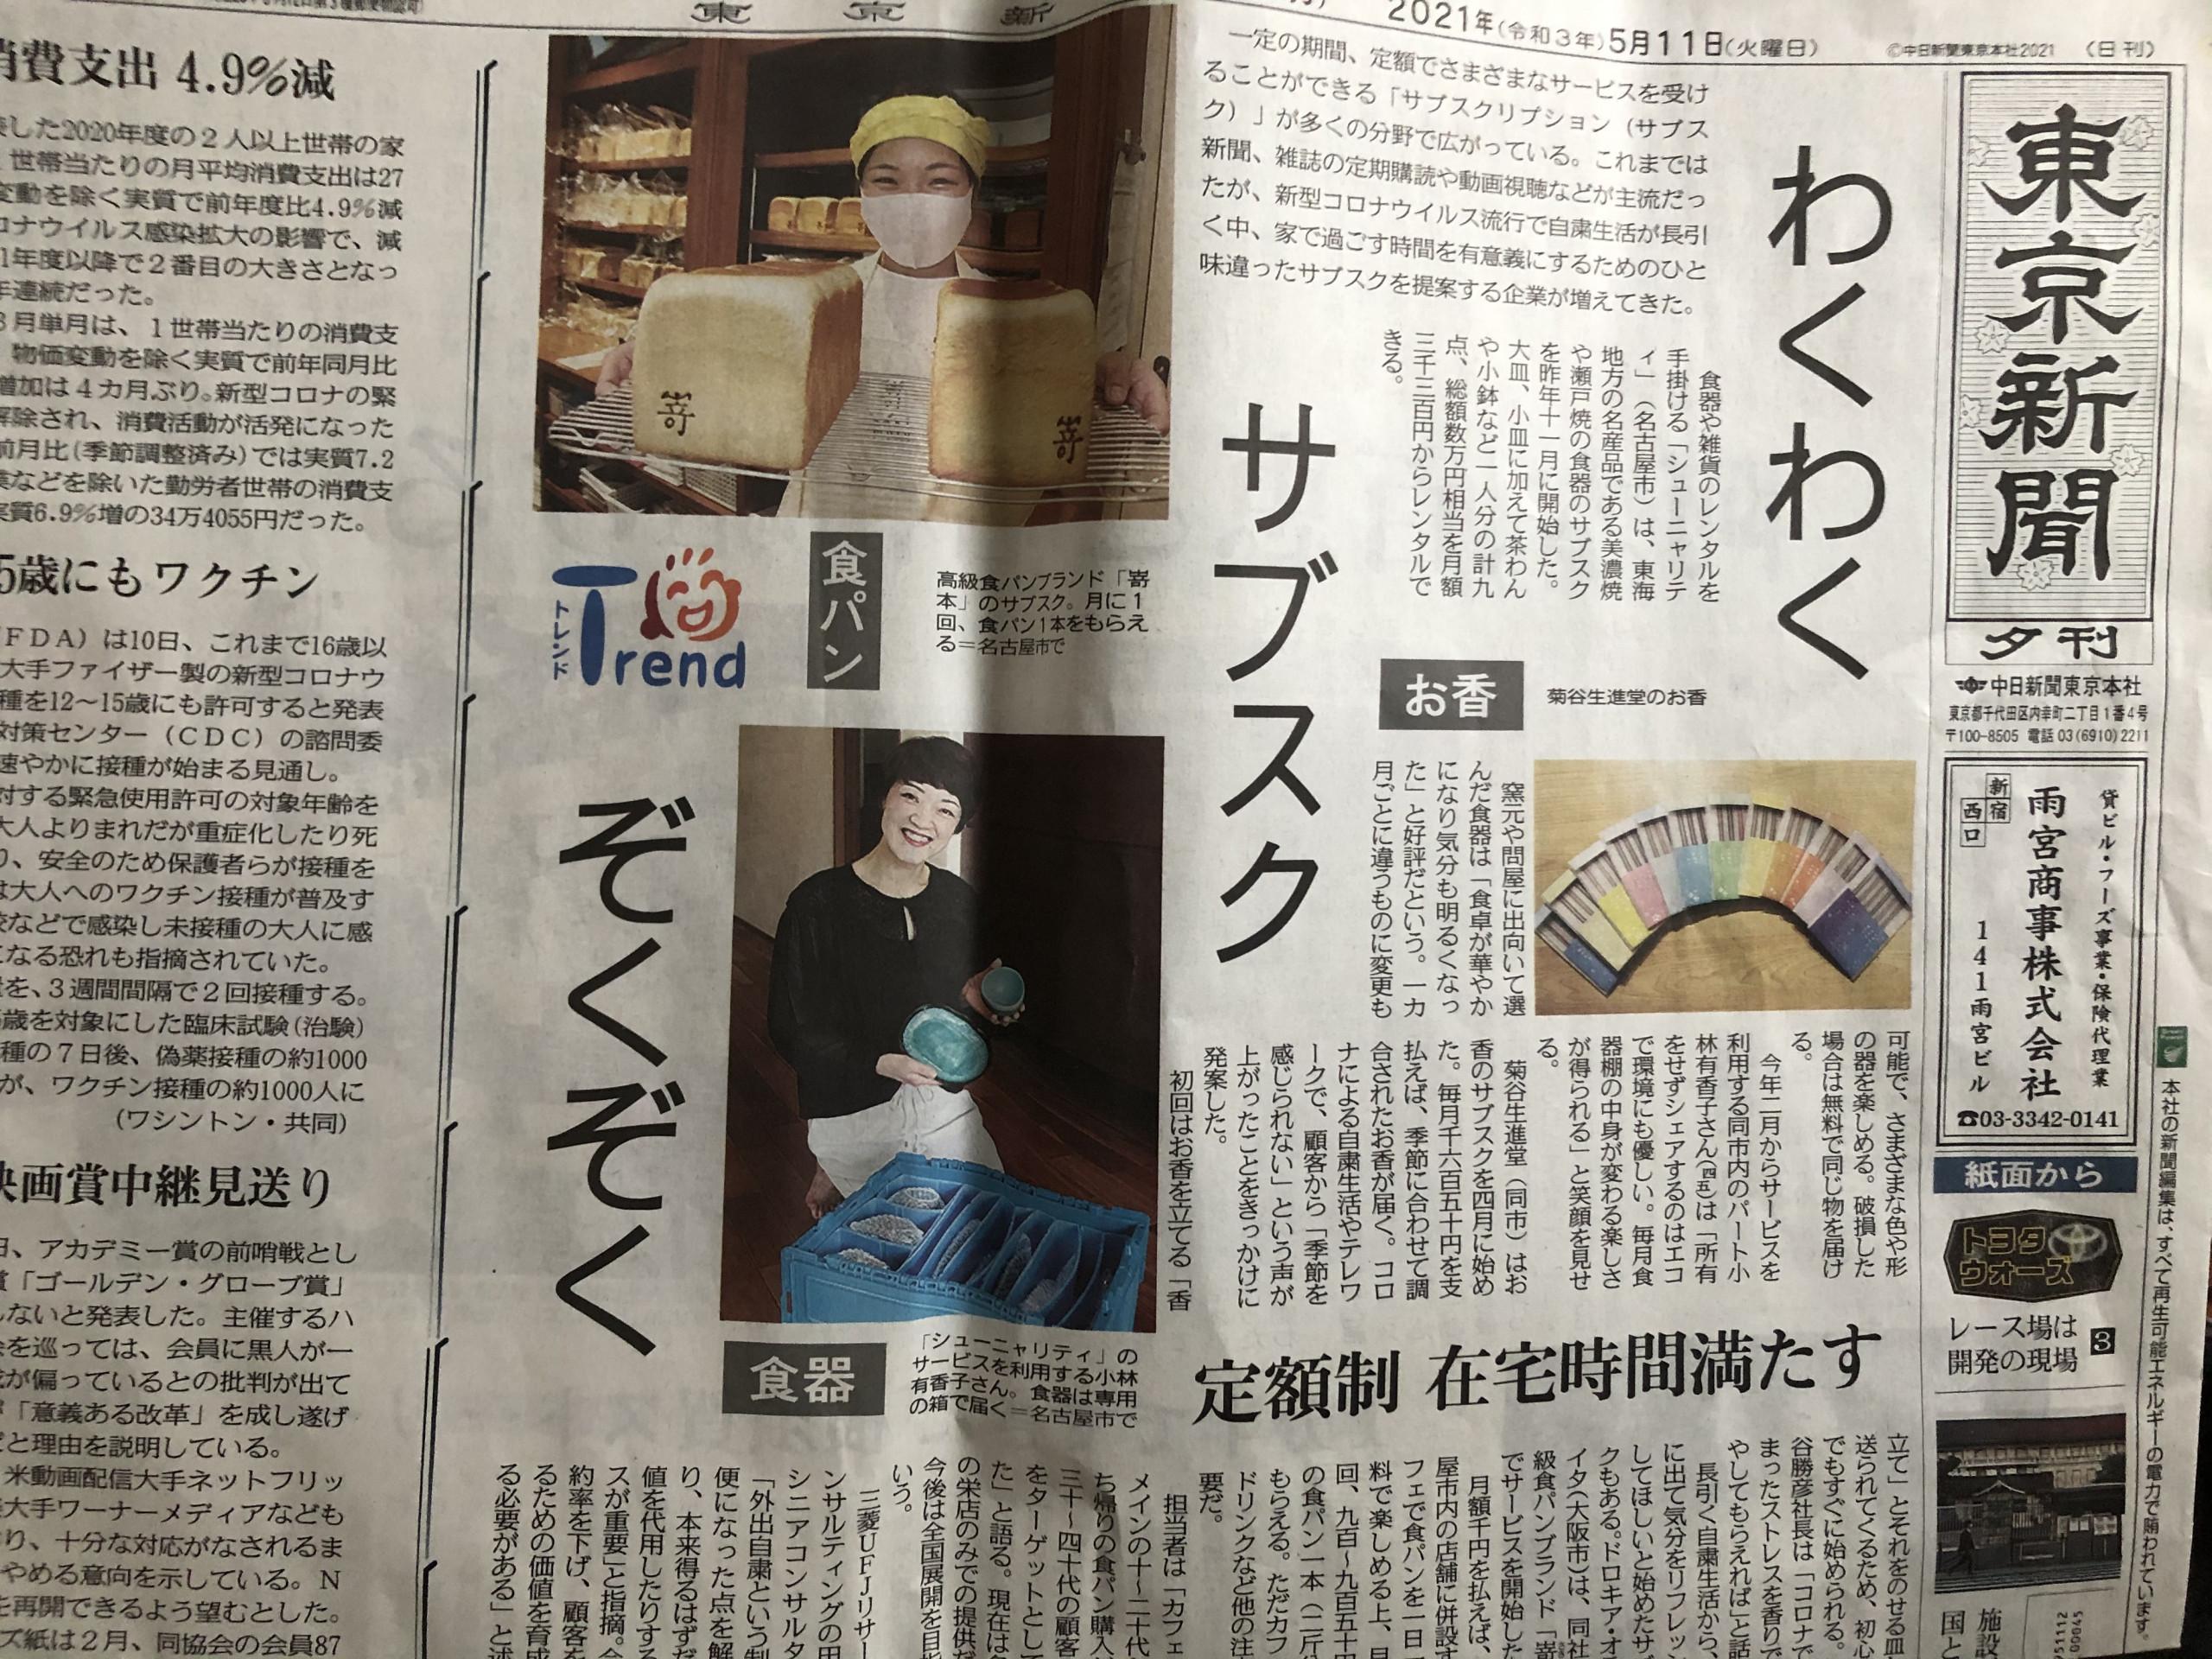 2021年5月11日東京新聞夕刊